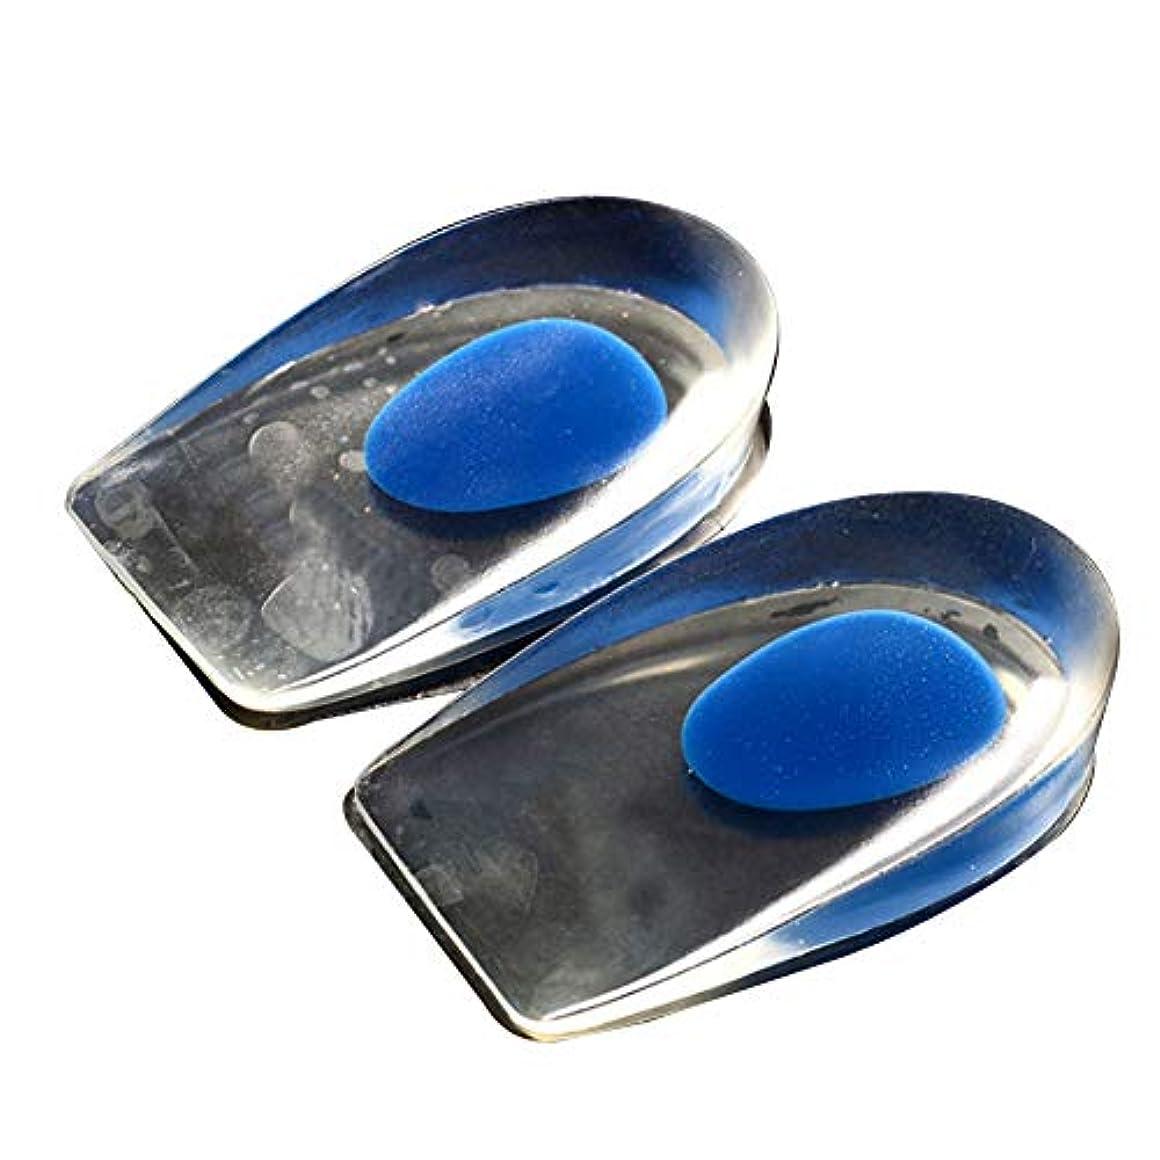 ラメ話をする法律によりHappysource 足用保護パッド1ペアジェルヒールカップ足底筋膜炎は、骨の拍車の痛みを軽減するためのシリコンヒールカップパッド